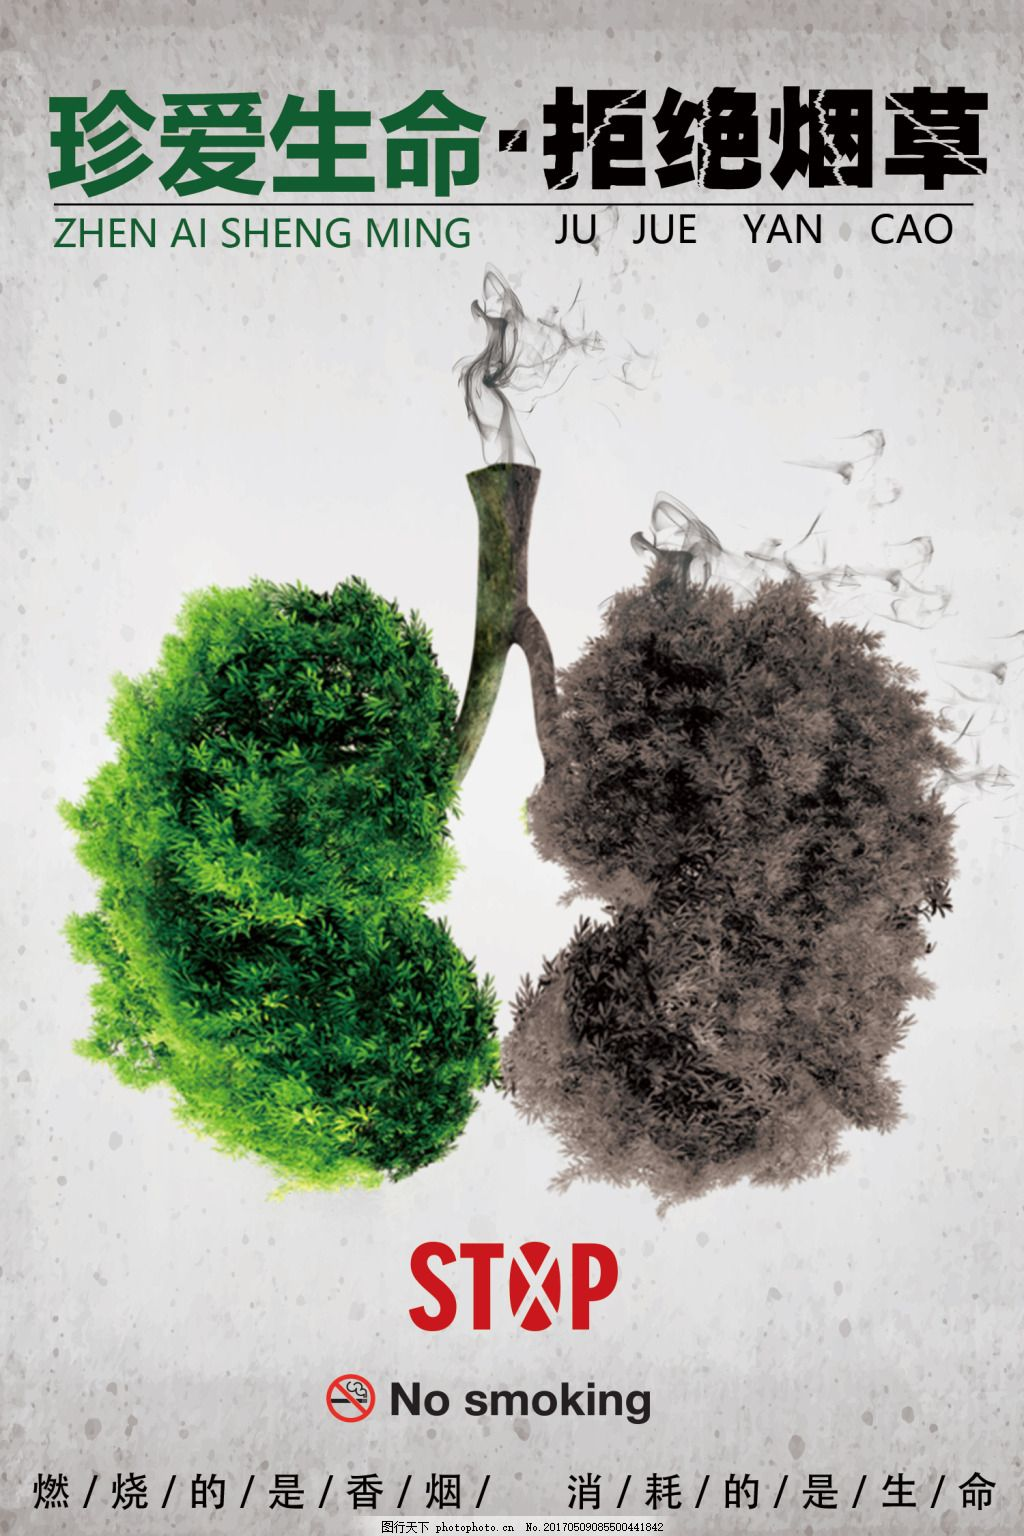 公益广告戒烟 戒烟海报 烟草 大树 伤肺图片